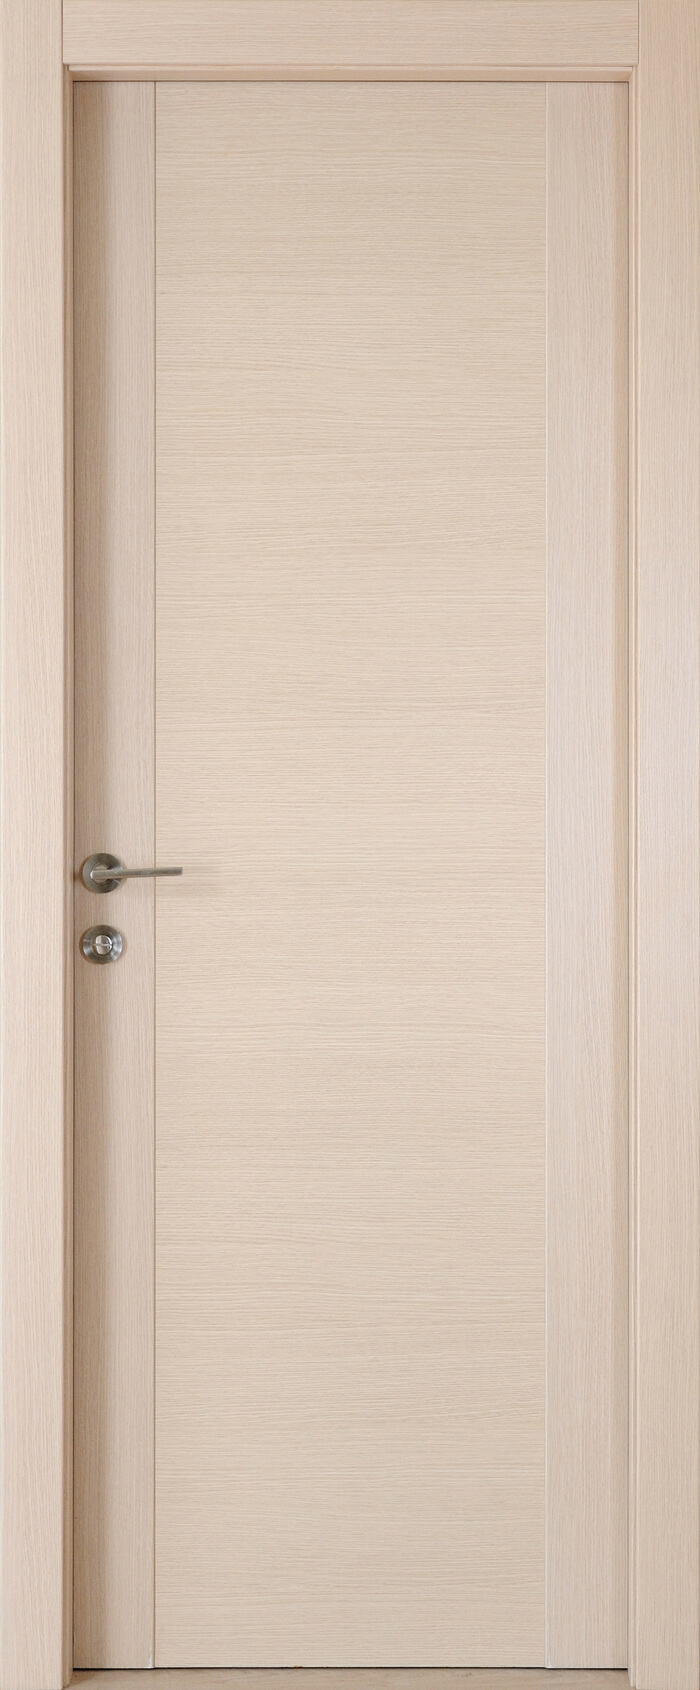 דלתות פנים עץ מחיר זול